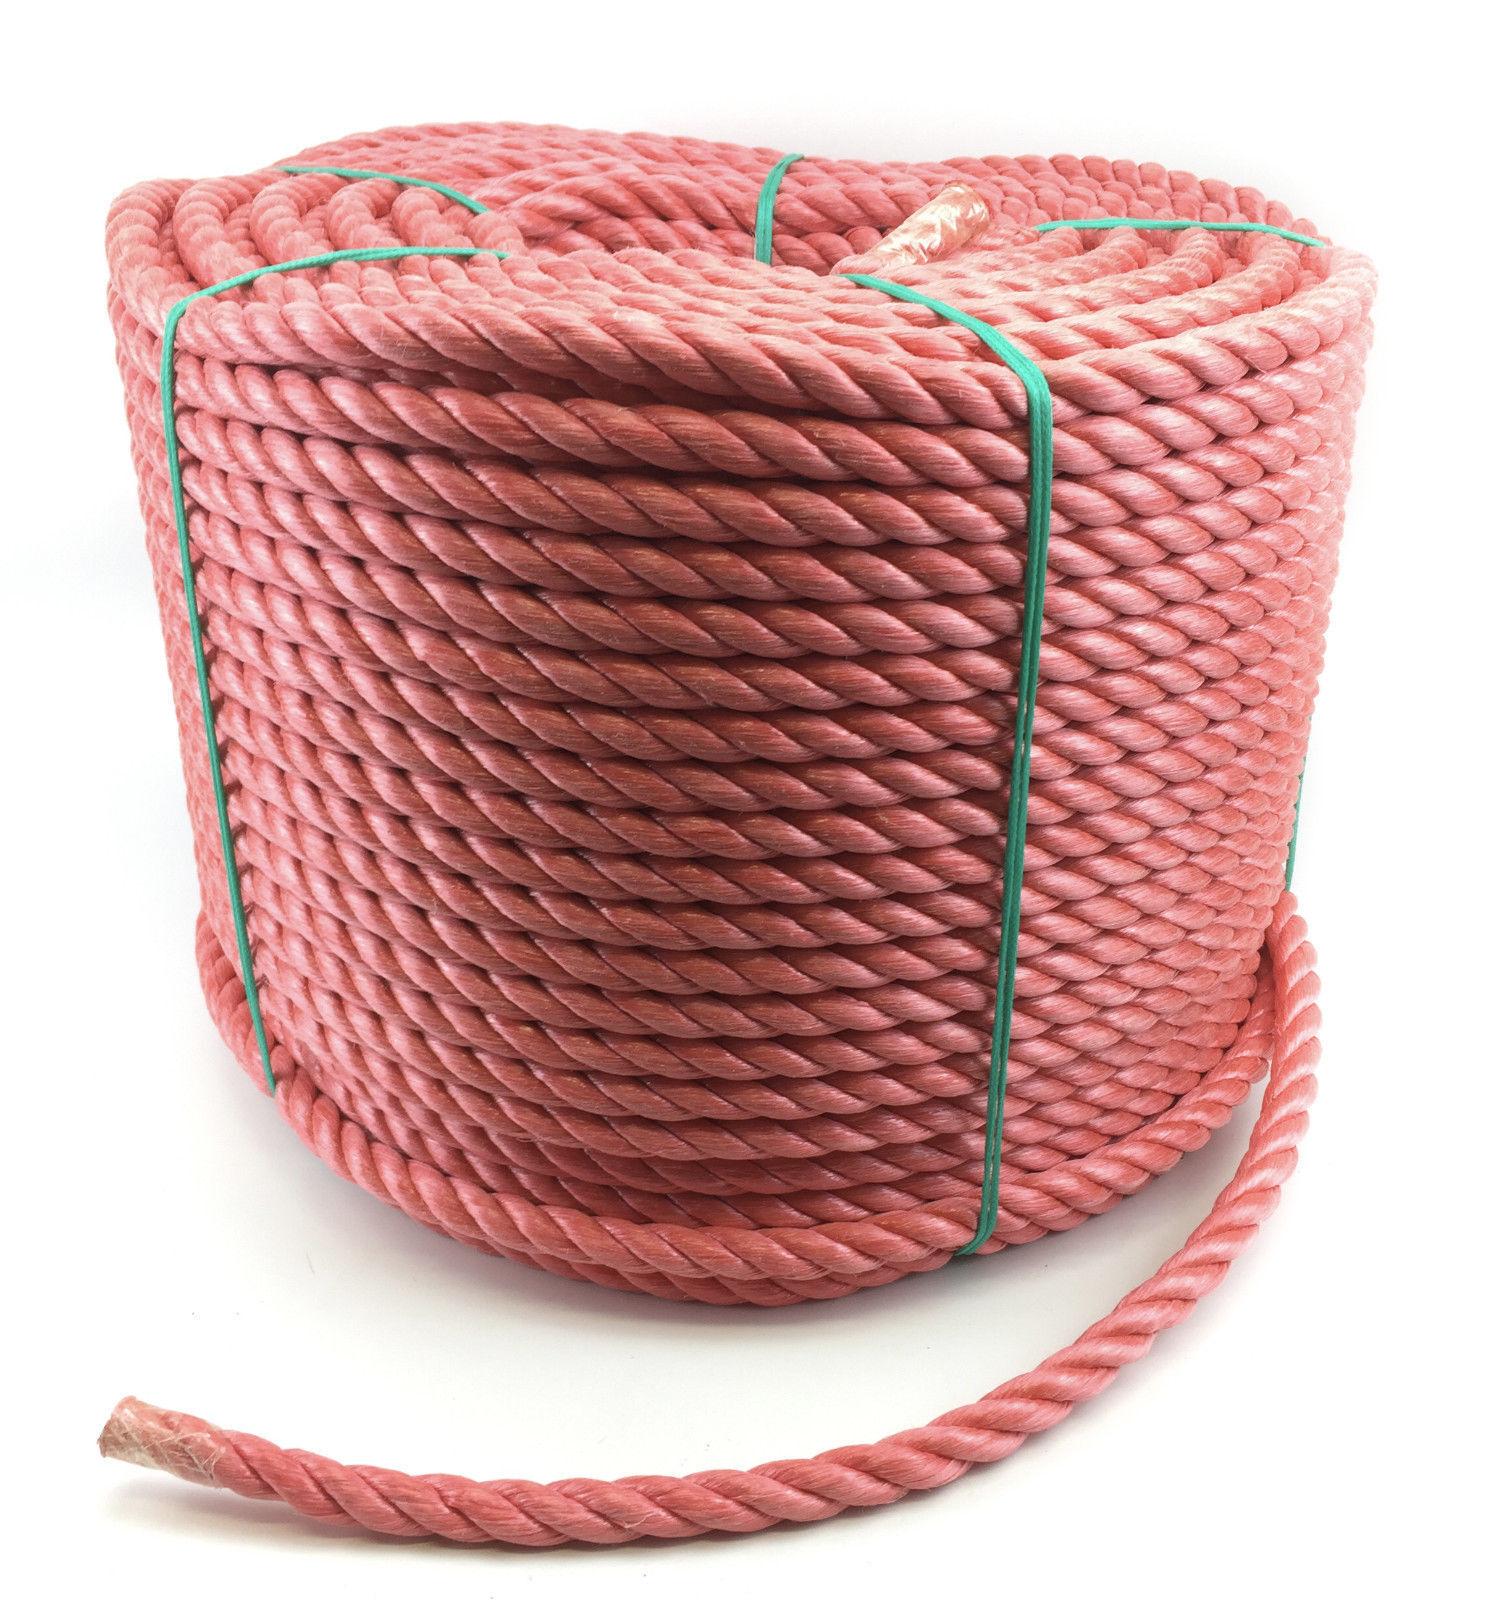 20mm rot POLYPROPYLEN SEIL 35 Meter, Poly-Seil Rollen, preiswert Nylon Seil